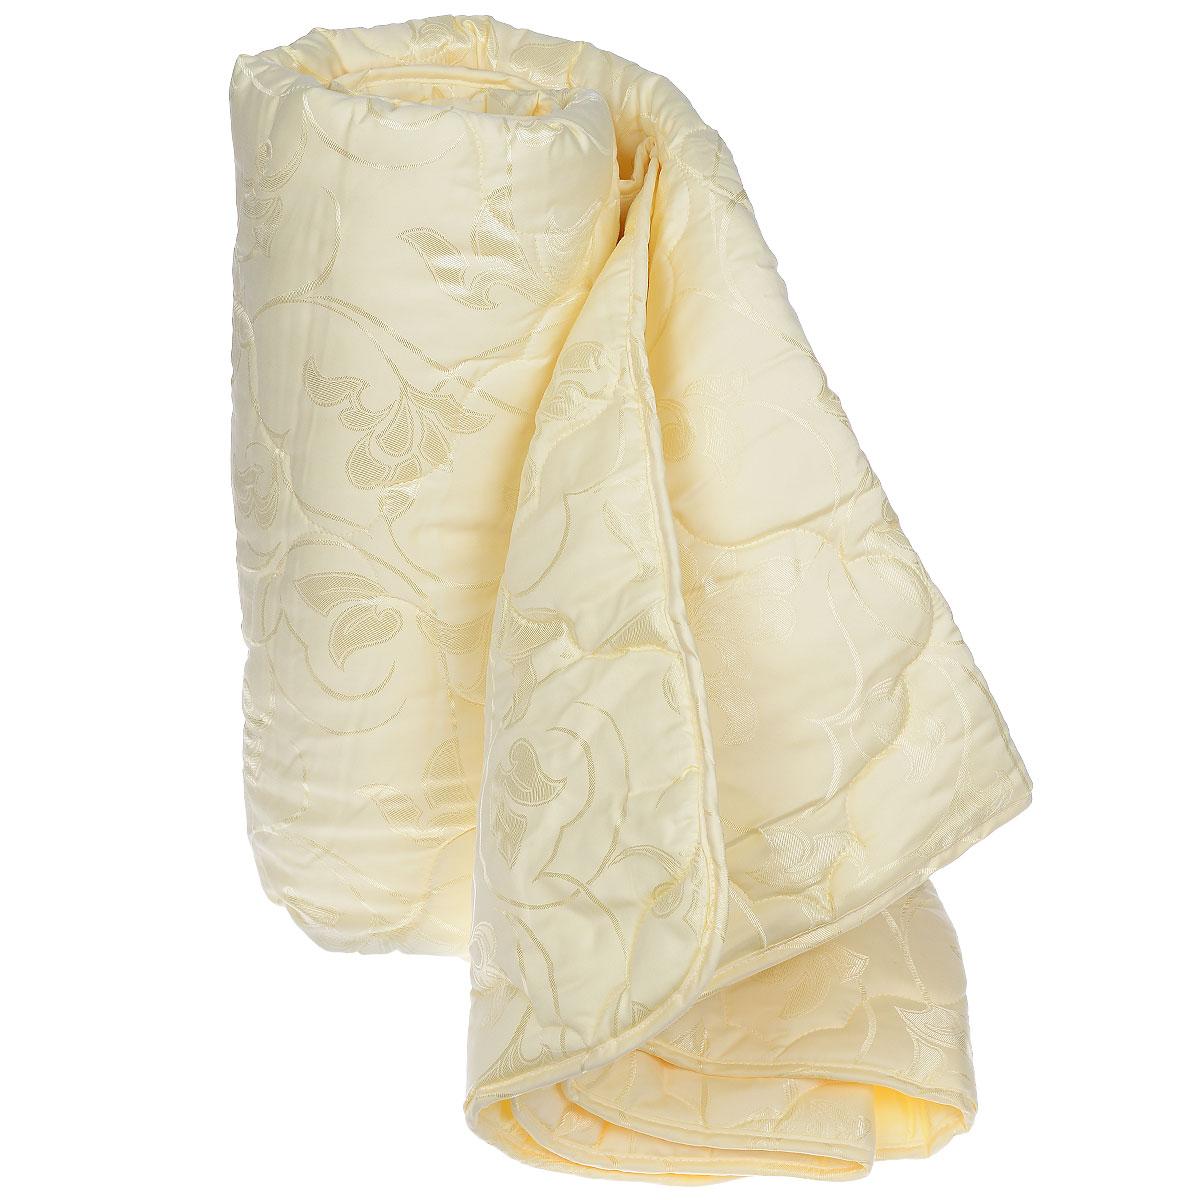 Одеяло Sova & Javoronok, наполнитель: шелковое волокно, цвет: бежевый, 200 см х 220 см05030116086Чехол одеяла Sova & Javoronok выполнен из благородного сатина бежевого цвета.Наполнитель - натуральное шелковое волокно. Особенности наполнителя:- обладает высокими сорбционными свойствами, создавая эффект сухого тепла;- регулирует температурный режим;- не вызывает аллергических реакций. Шелк всегда считался одним из самых элитных и роскошных материалов. Очень нежный, легкий,шелк отлично приспосабливается к температуре тела и окружающей среды. Летом с подушкойиз шелка вы чувствуете прохладу, зимой - приятное тепло. В натуральном шелке не заводится ине живет пылевой клещ, также шелк обладает бактериостатическими свойствами (в нем неразмножаются патогенные бактерии), в нем не живут и не размножаются грибки и сапрофиты.Натуральный шелк гипоаллергенен и рекомендован людям с аллергическими реакциями. Привпитывании шелком влаги до 30% от собственного веса он остается сухим на ощупь.Натуральный шелк не электризуется.Одеяло Sova & Javoronok упакована в тканно-пластиковый чехол на змейке с ручками, чтоявляется чрезвычайно удобным при переноске.Рекомендации по уходу: - Стирка запрещена, - Нельзя отбеливать. При стирке не использовать средства, содержащие отбеливатели (хлор),- Не гладить. Не применять обработку паром, - Химчистка с использованием углеводорода, хлорного этилена, - Нельзя выжимать и сушить в стиральной машине.Размер одеяла: 200 см х 220 см. Материал чехла: сатин (100% хлопок).Материал наполнителя: шелковое волокно.